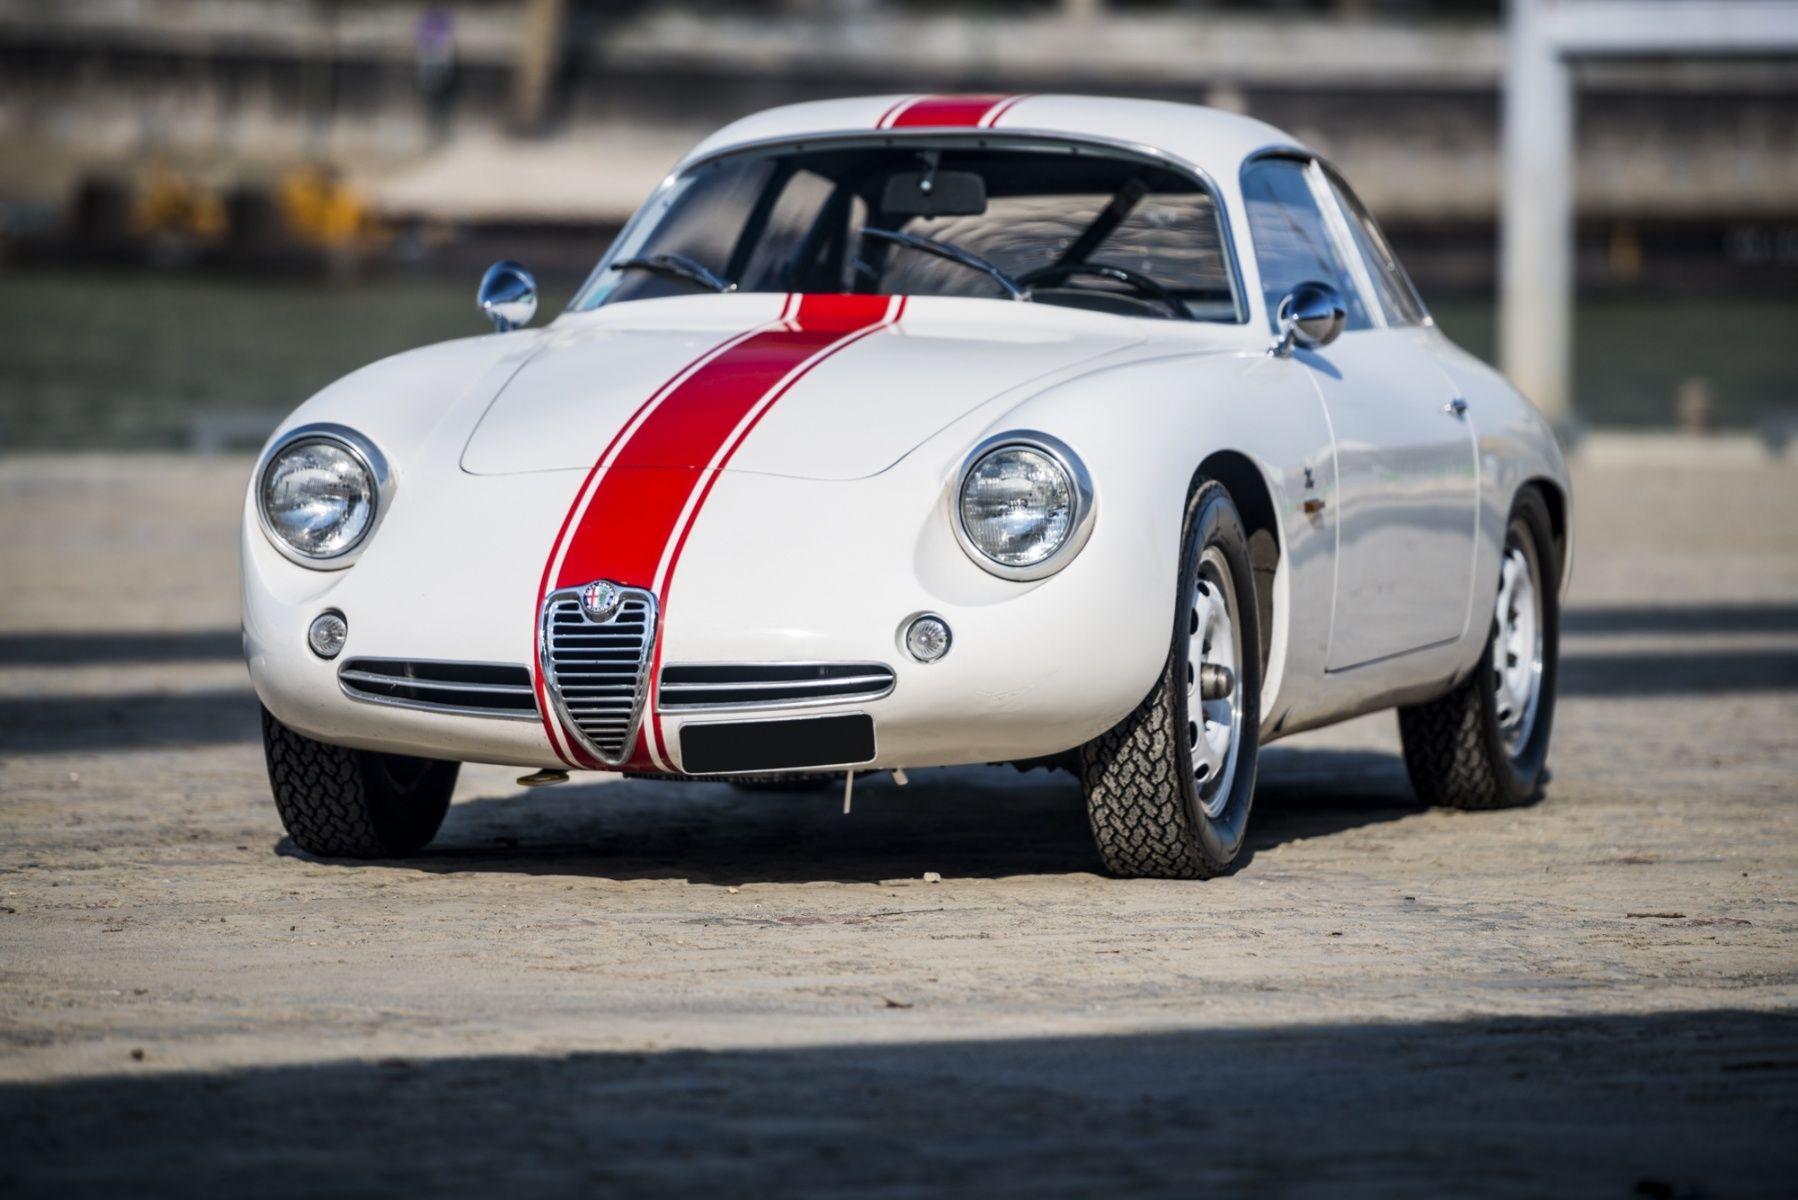 1962 Alfa Romeo Giulietta SZ CODA TRONCA Classic